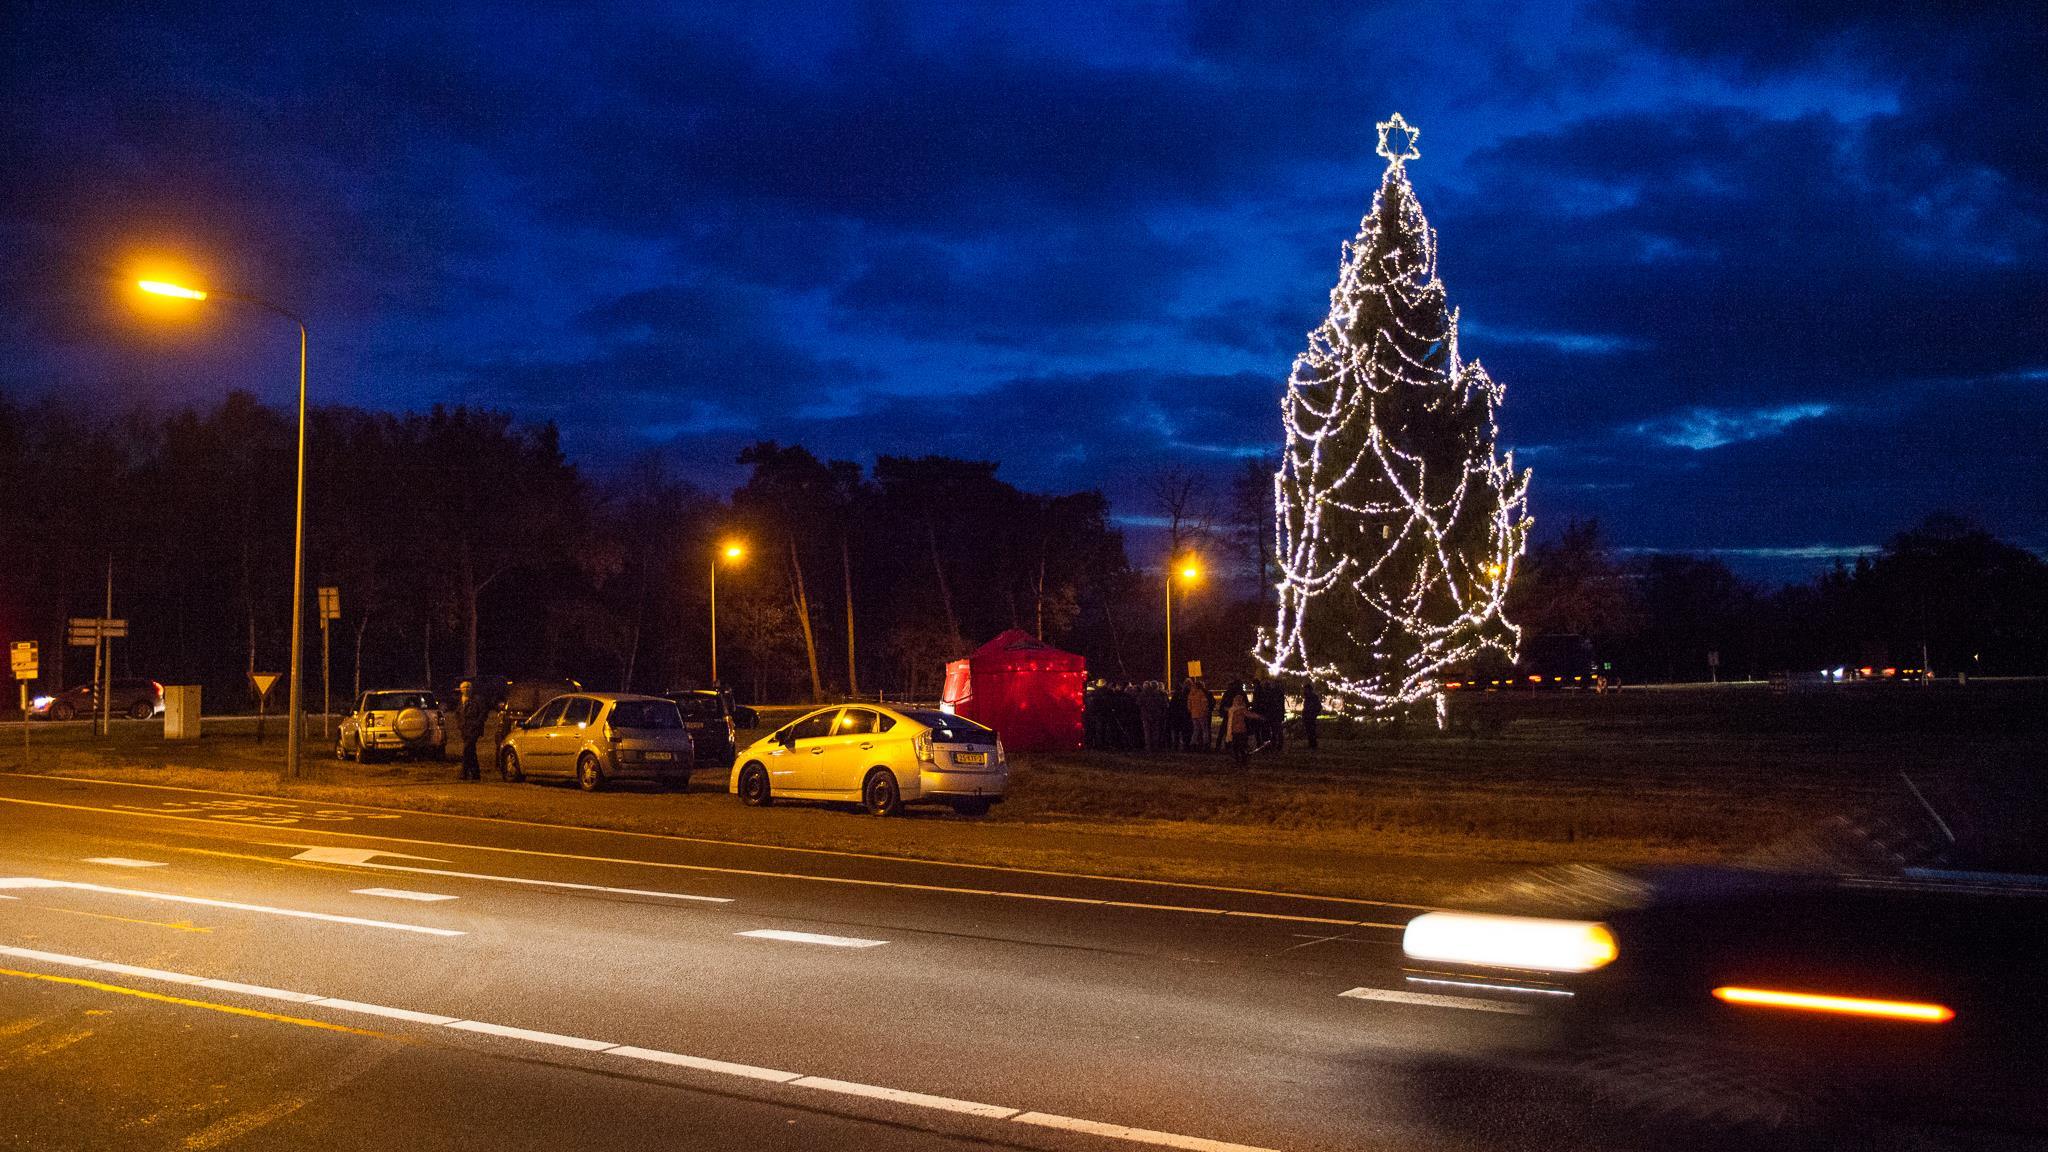 Gestolen kabel op tijd vervangen: toch nog een verlichte kerstboom ...